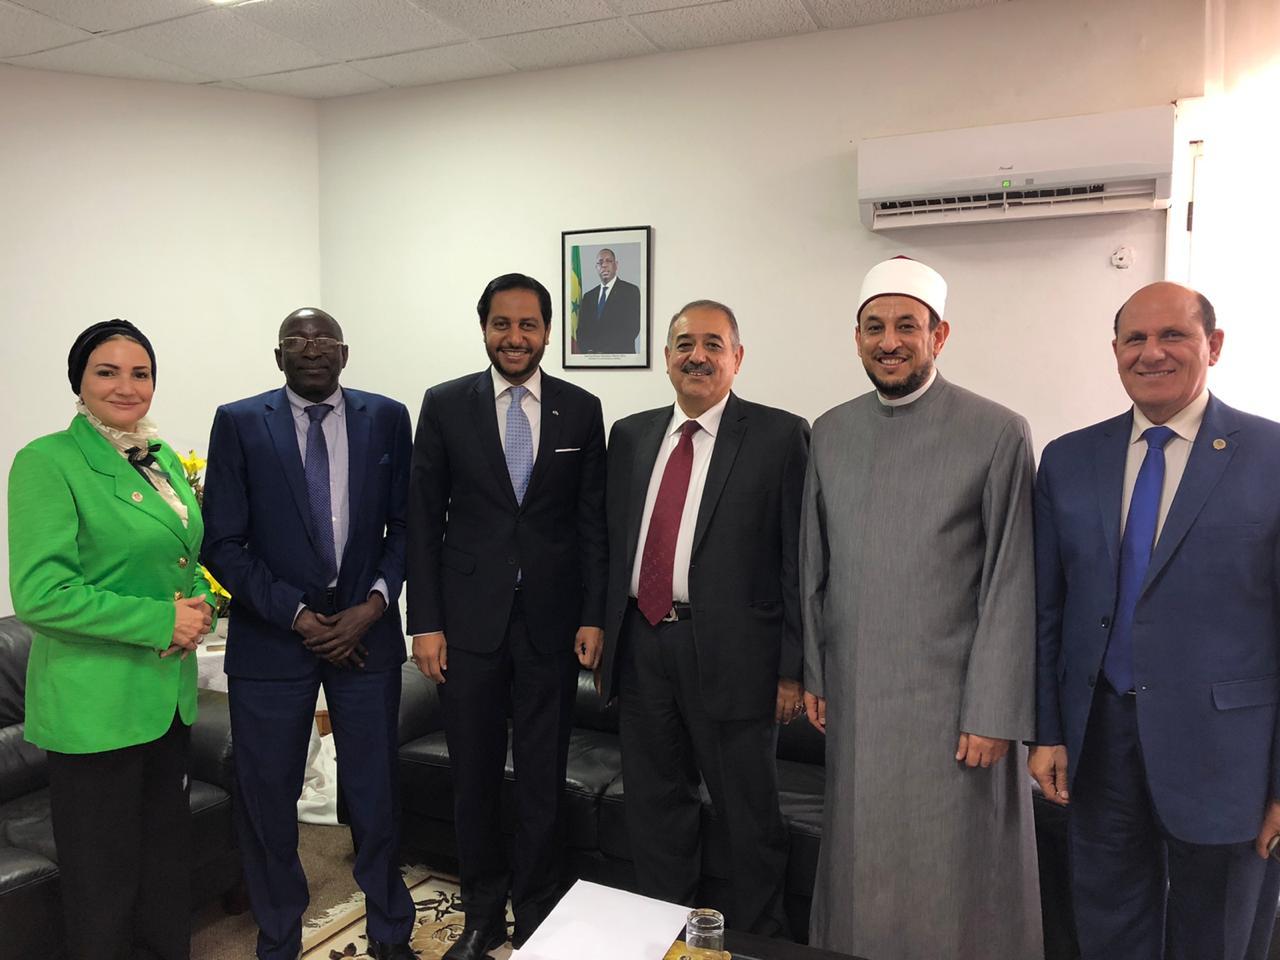 انطلاق فعاليات منتدى داكار لوحدة العالم الاسلامي برعاية الرئيس السنغالي ورئاسة السفير العرابي